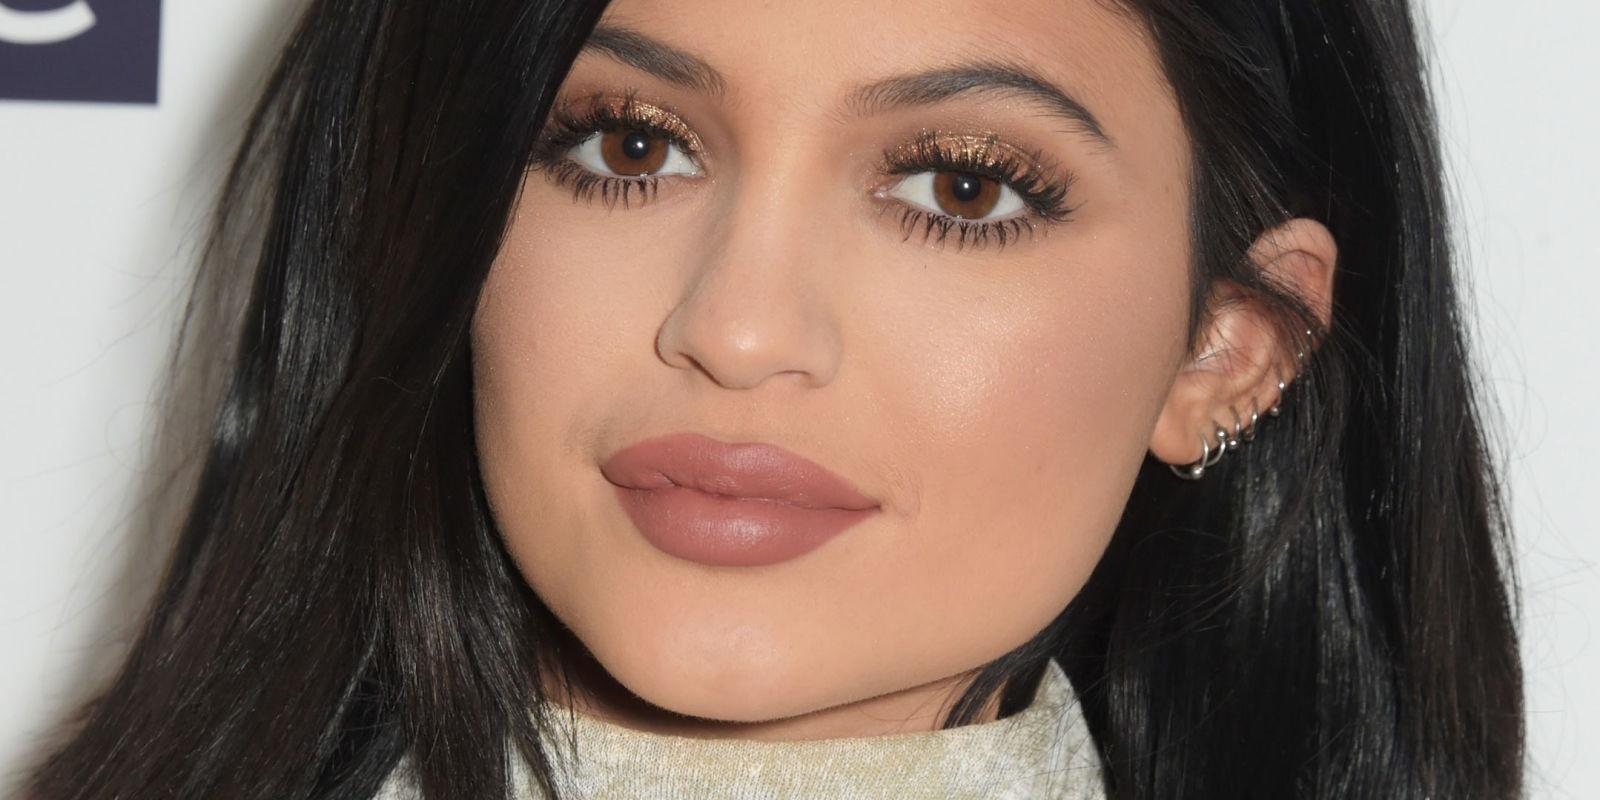 Фото с пухленькими губками, Девушки с отвисшими половыми губами - (65 фото) 17 фотография